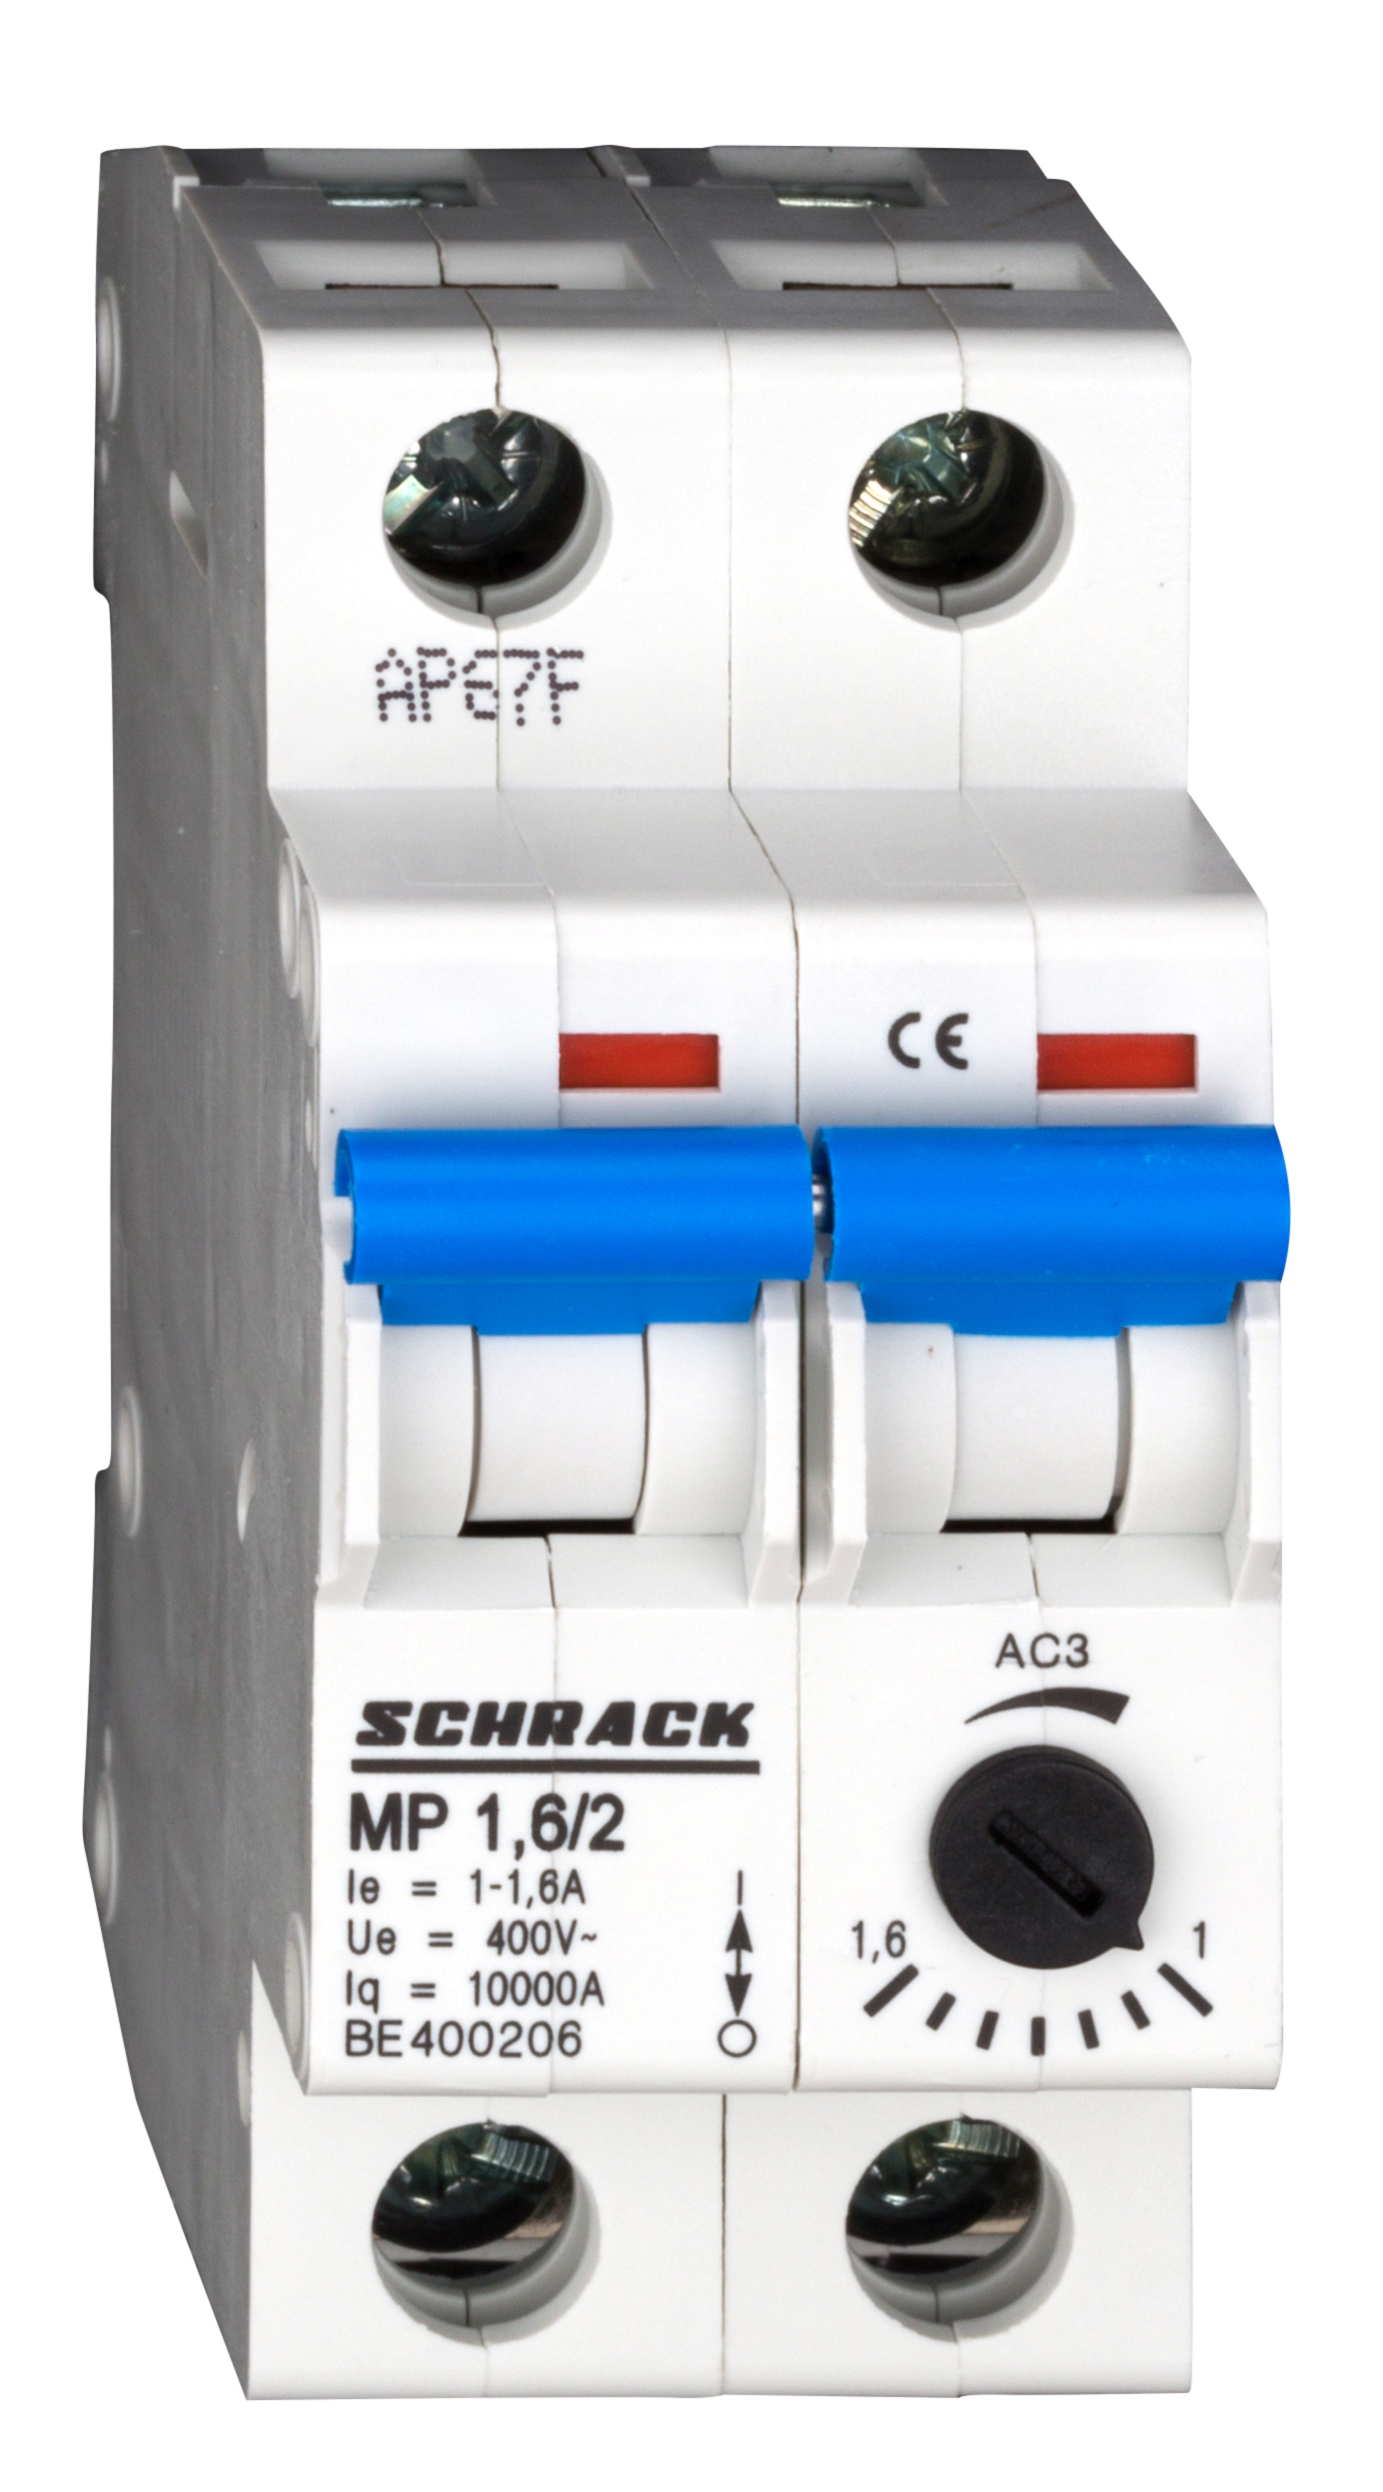 1 Stk Motorschutzschalter 1,0-1,6A, 2-polig BE400206--